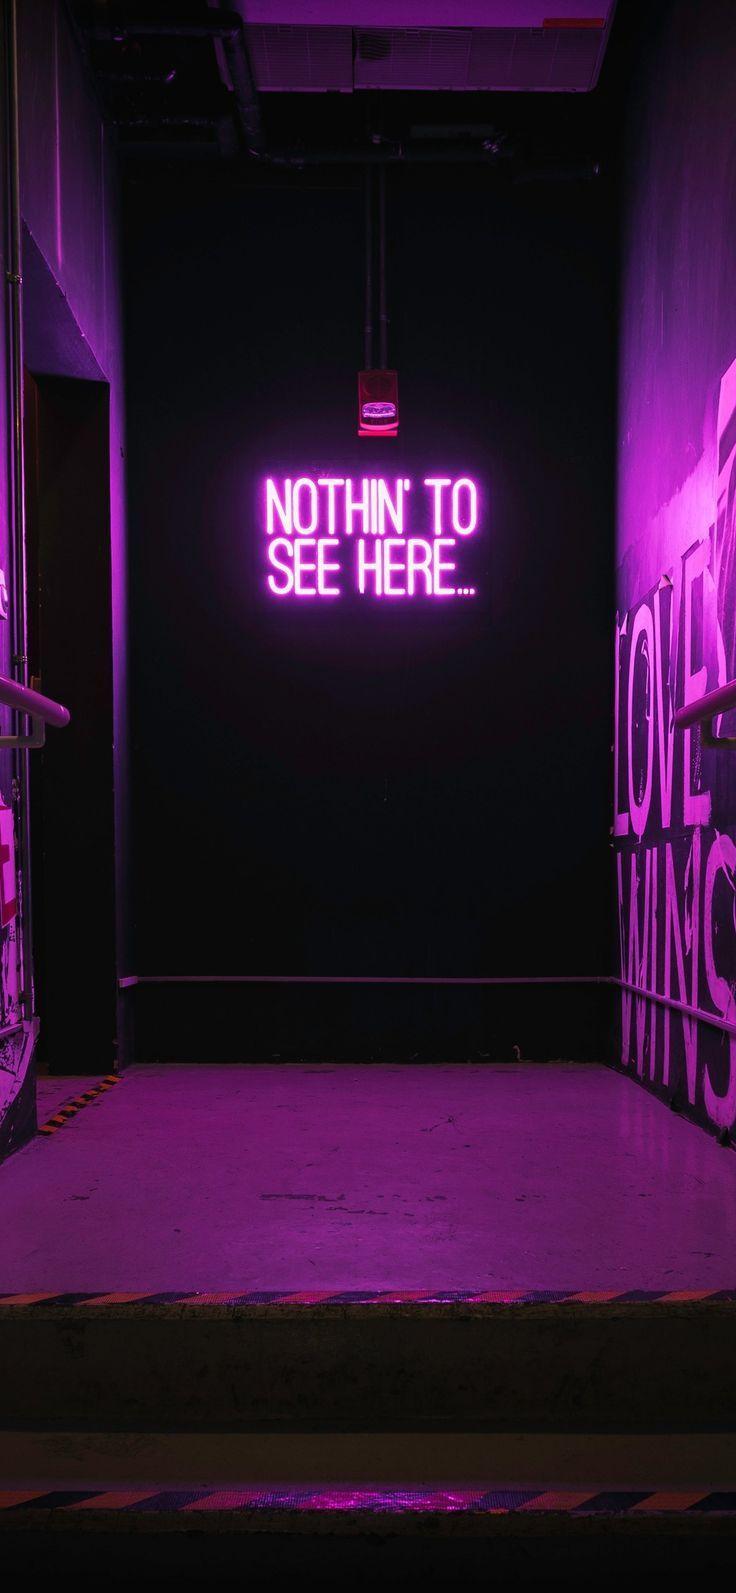 Iphone X Neon Hintergrund Hd 3d Hintergrunde Neon Wallpaper